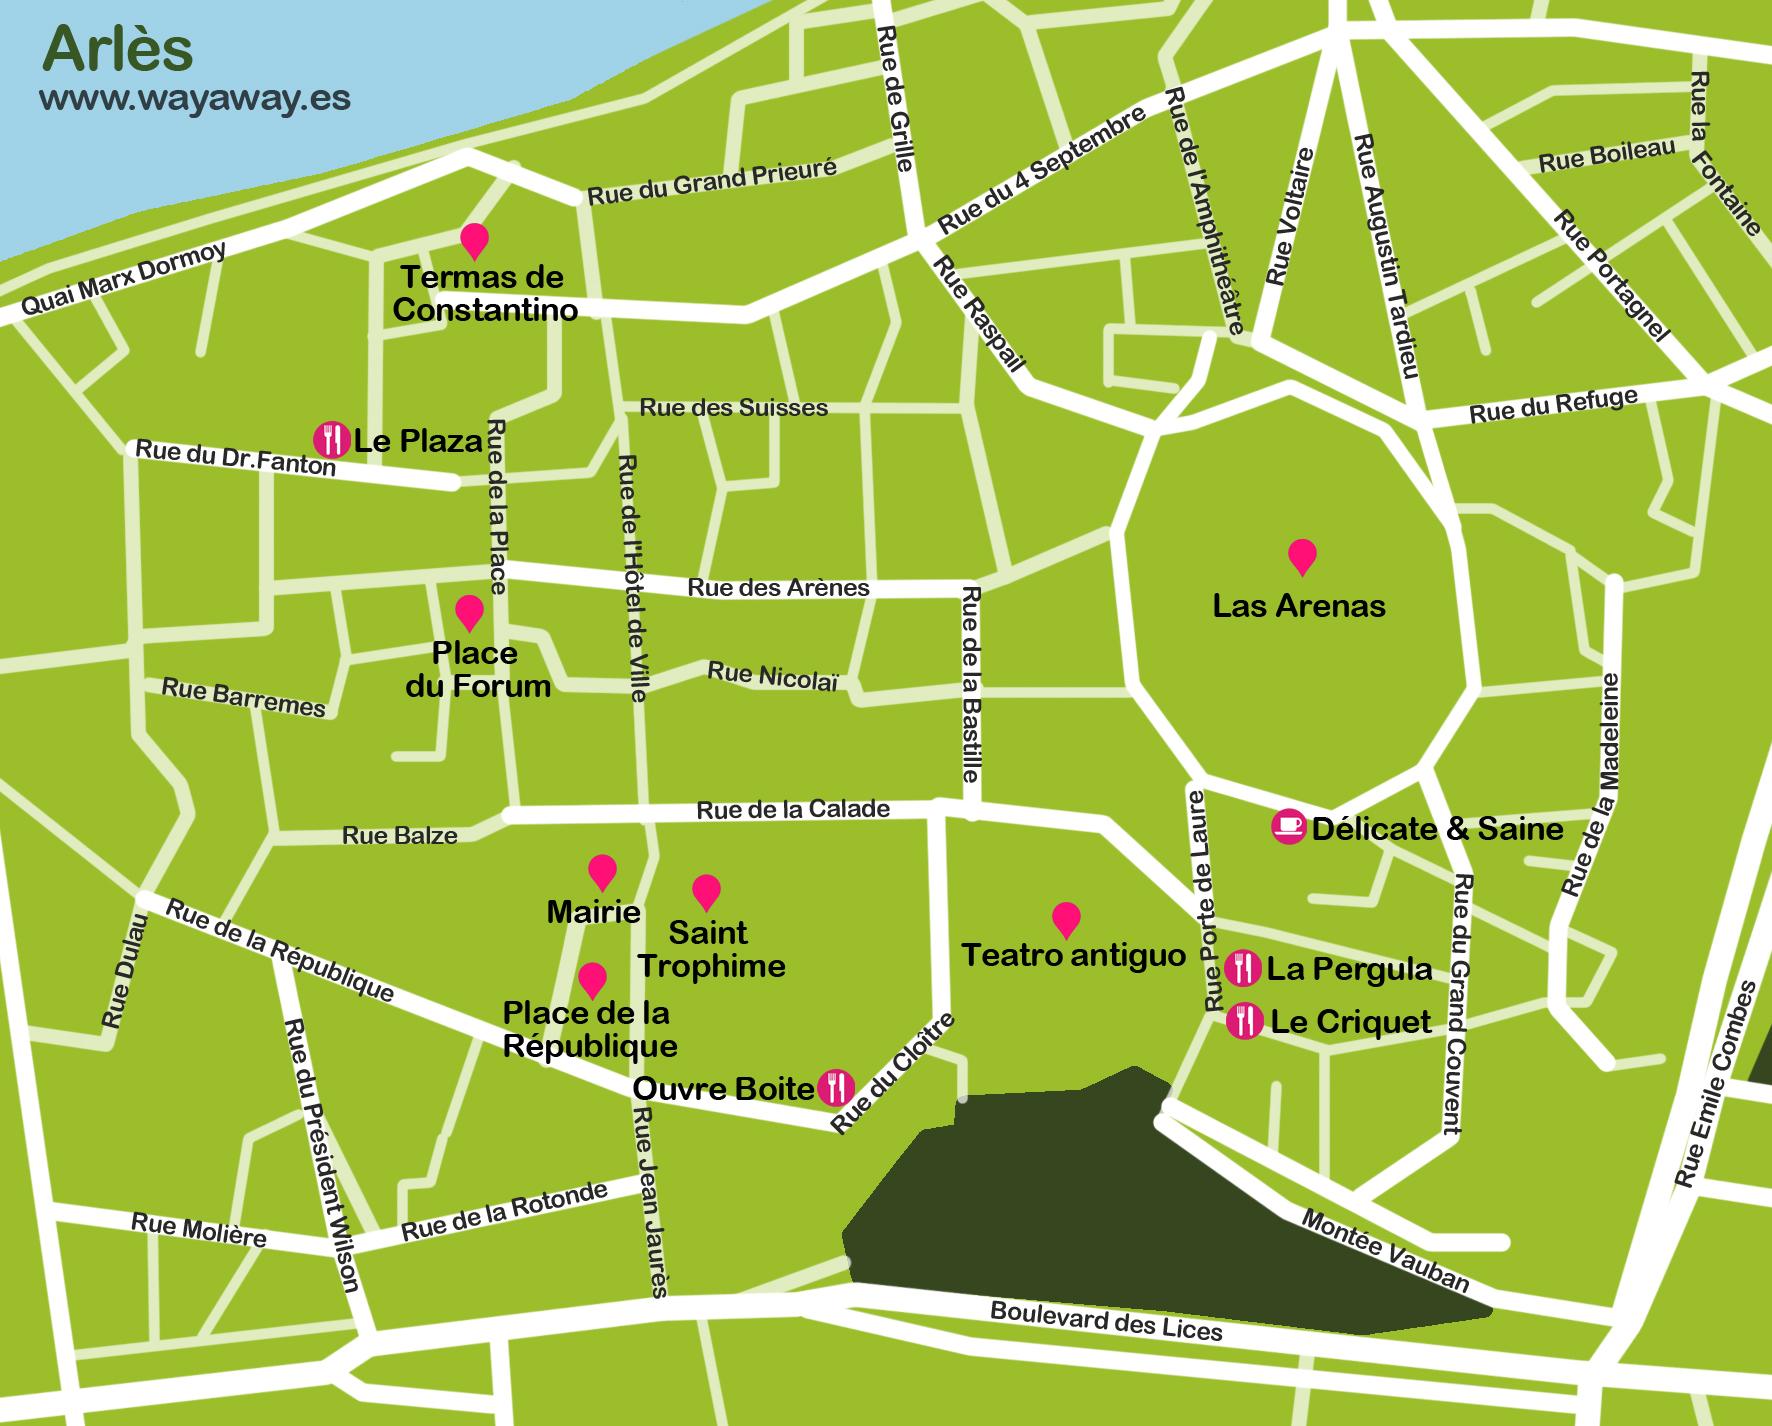 Mapa Arles